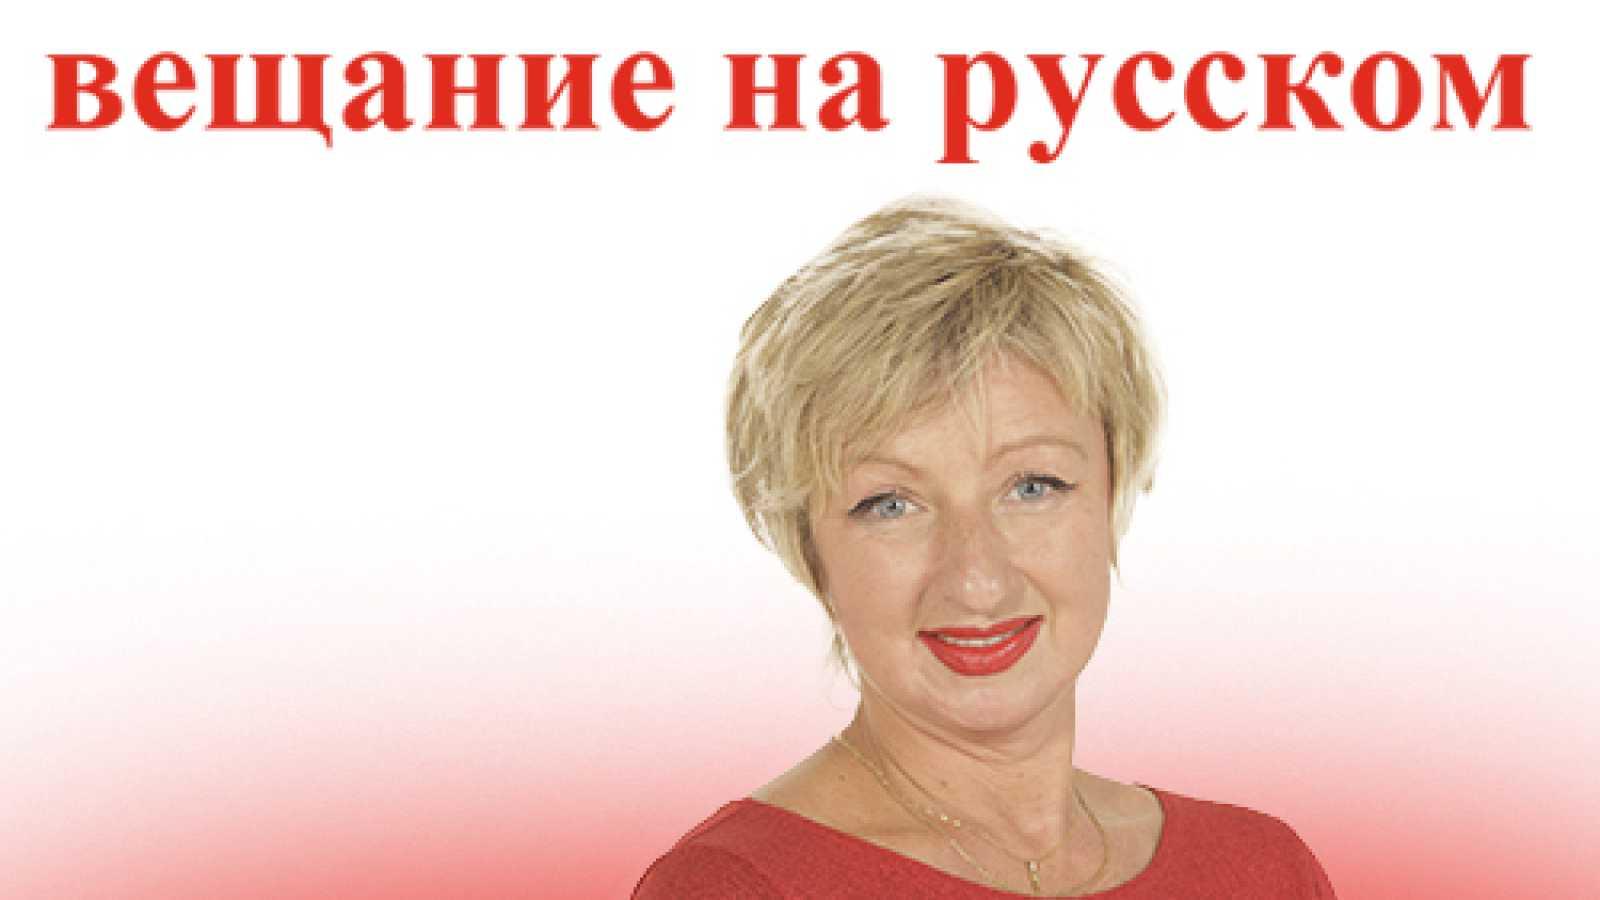 """Emisión en ruso - """"Stariye pesni o glavnom""""  made in Spain. Vip. 12 - 23/10/20 - escuchafr ahora"""